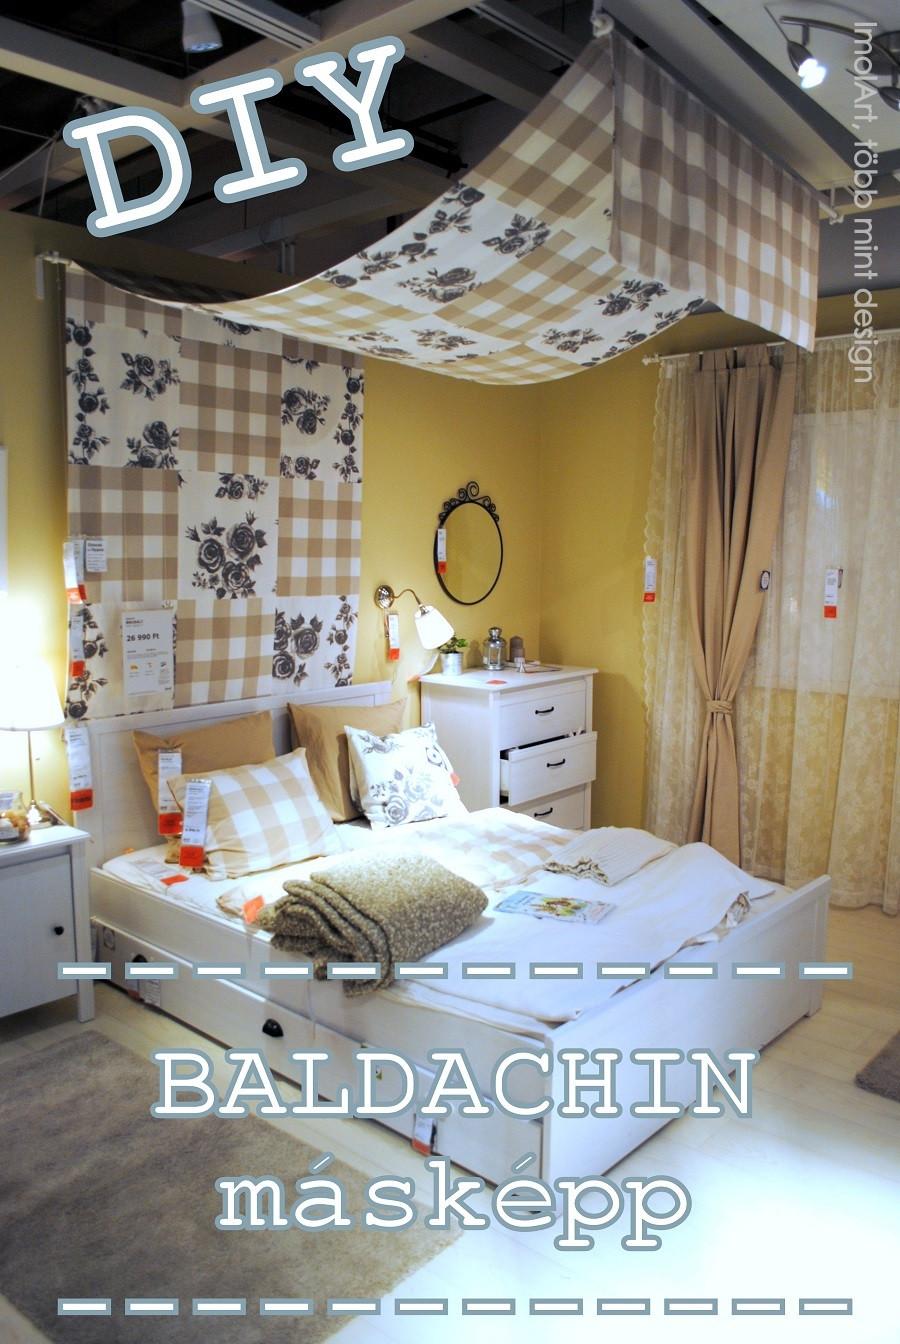 Baldachin Diy  DIY Baldachin másképp Imolart több mint design